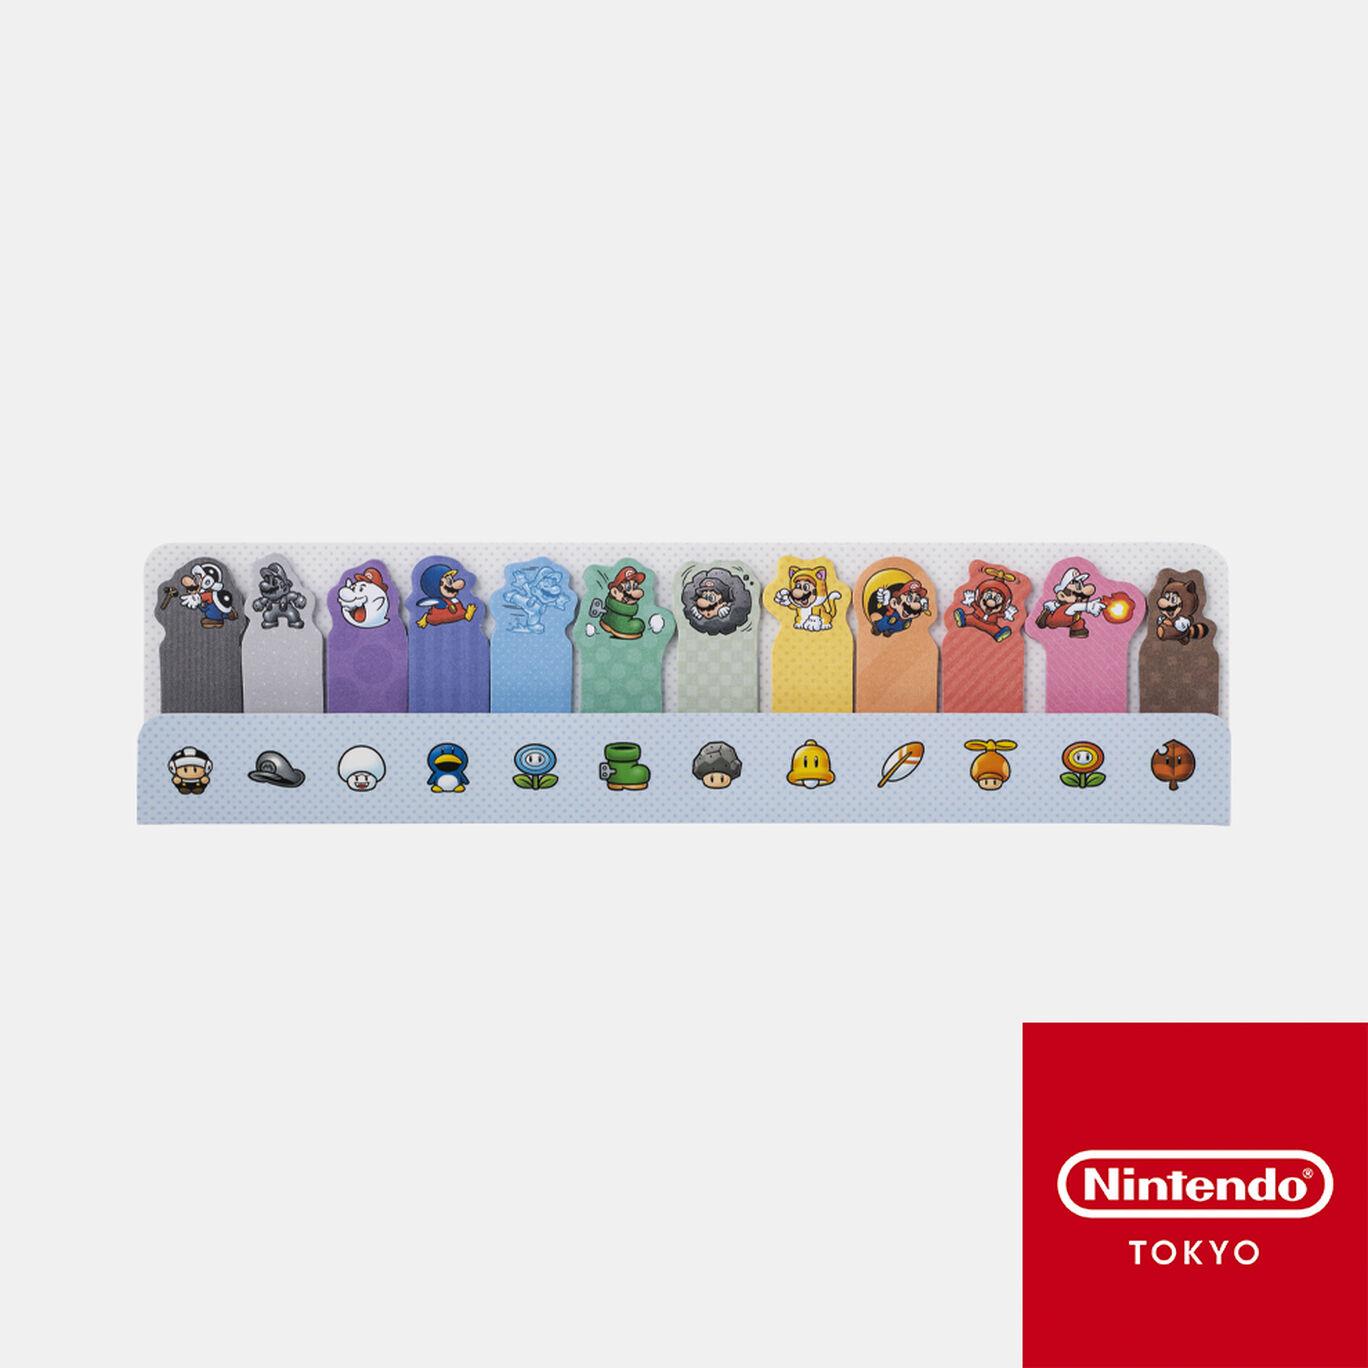 付箋 スーパーマリオ パワーアップ【Nintendo TOKYO取り扱い商品】